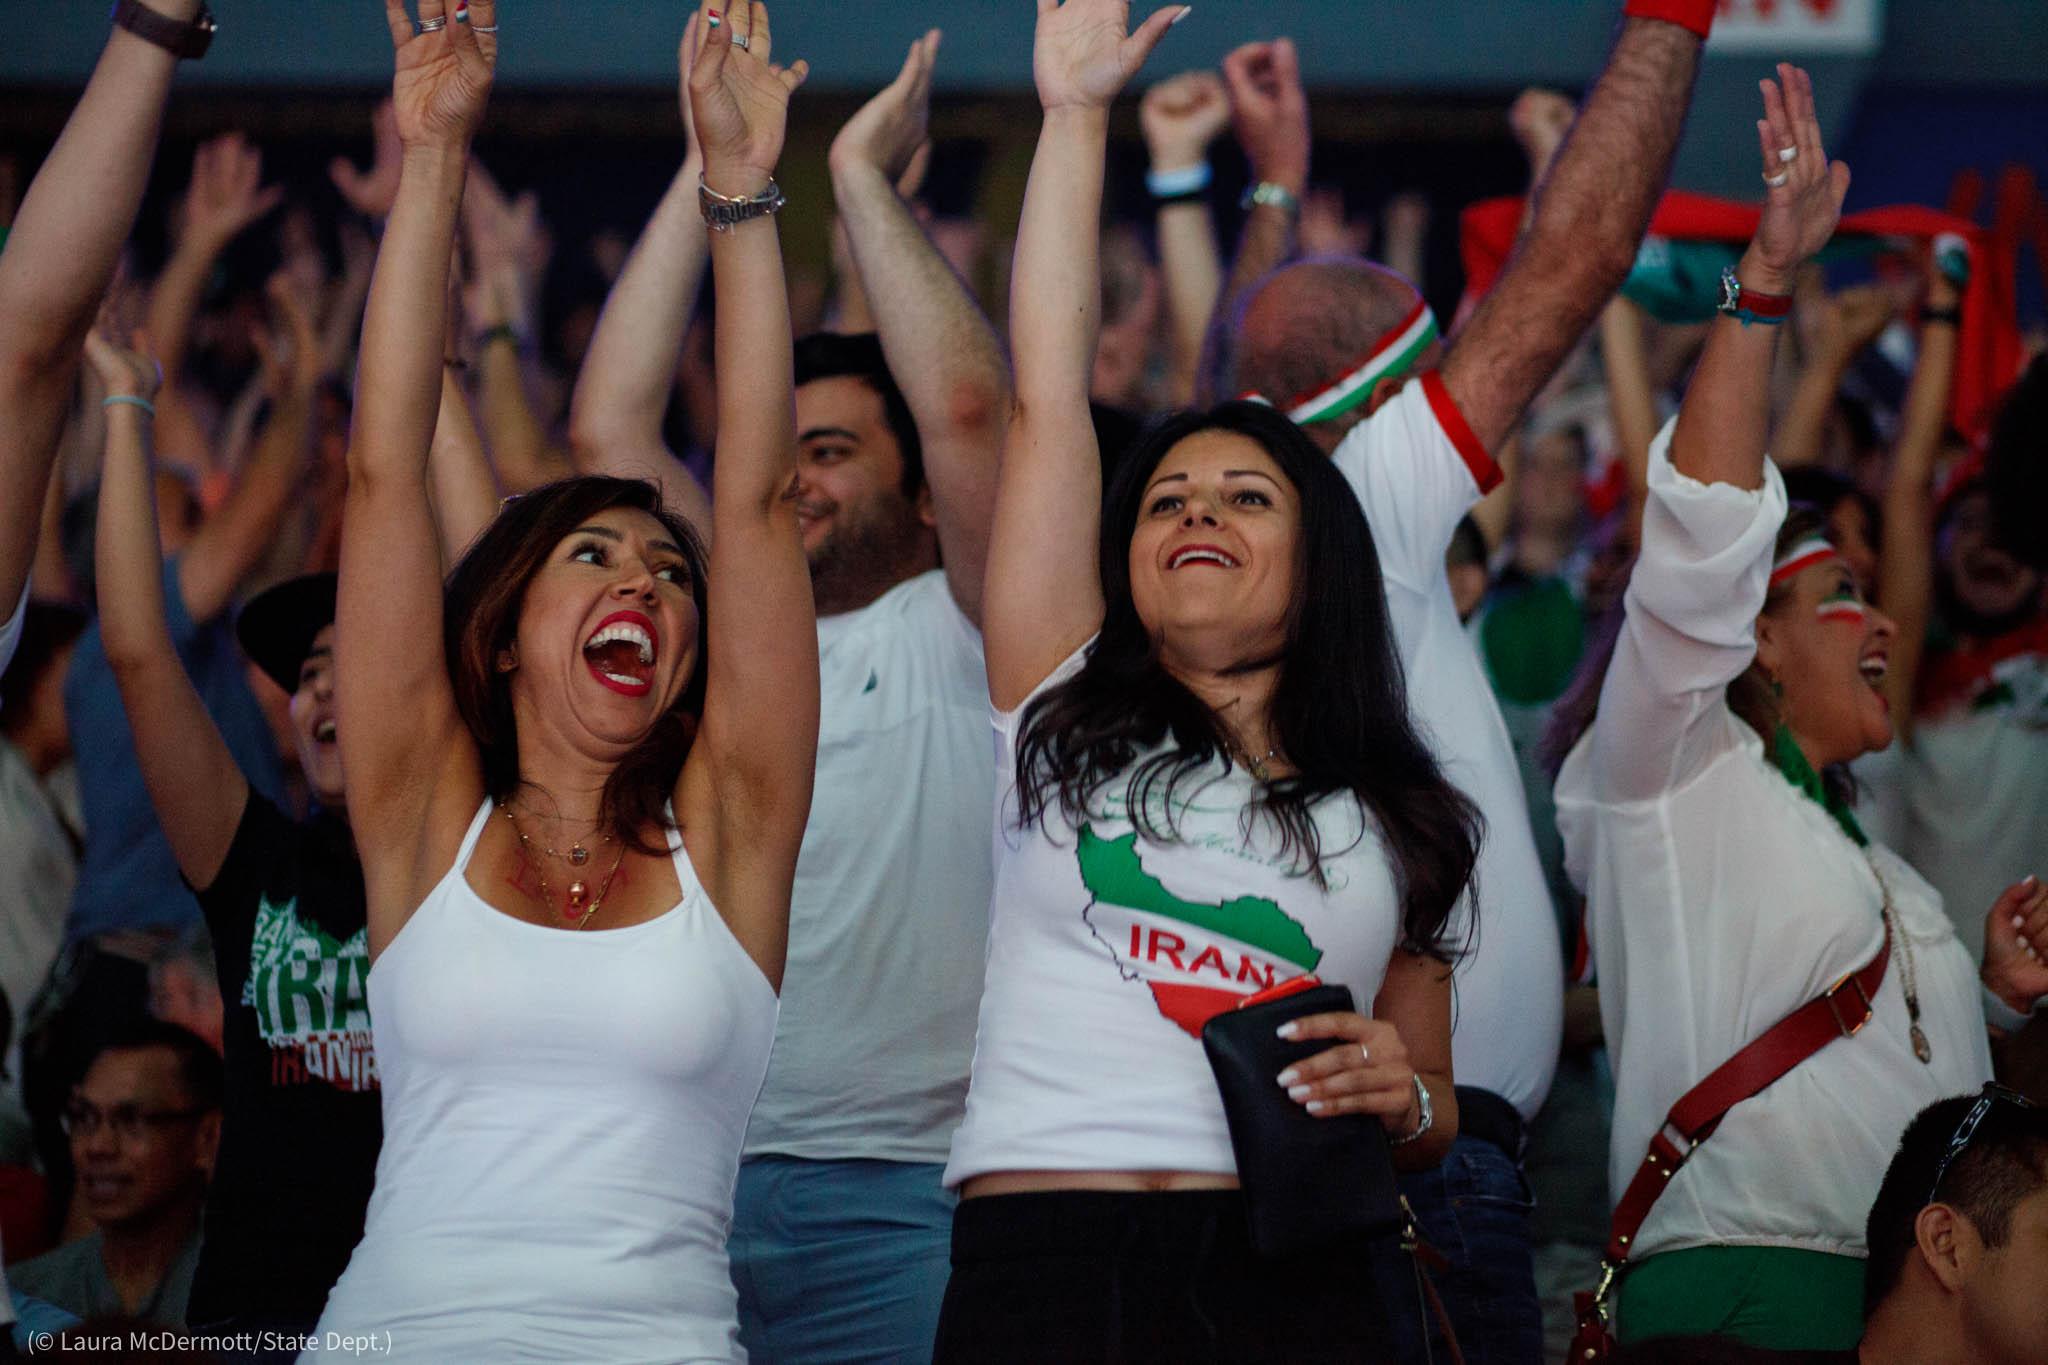 Gran grupo de hinchas vitoreando con los brazos alzados (© Laura McDermott/Depto. de Estado de EE. UU.)